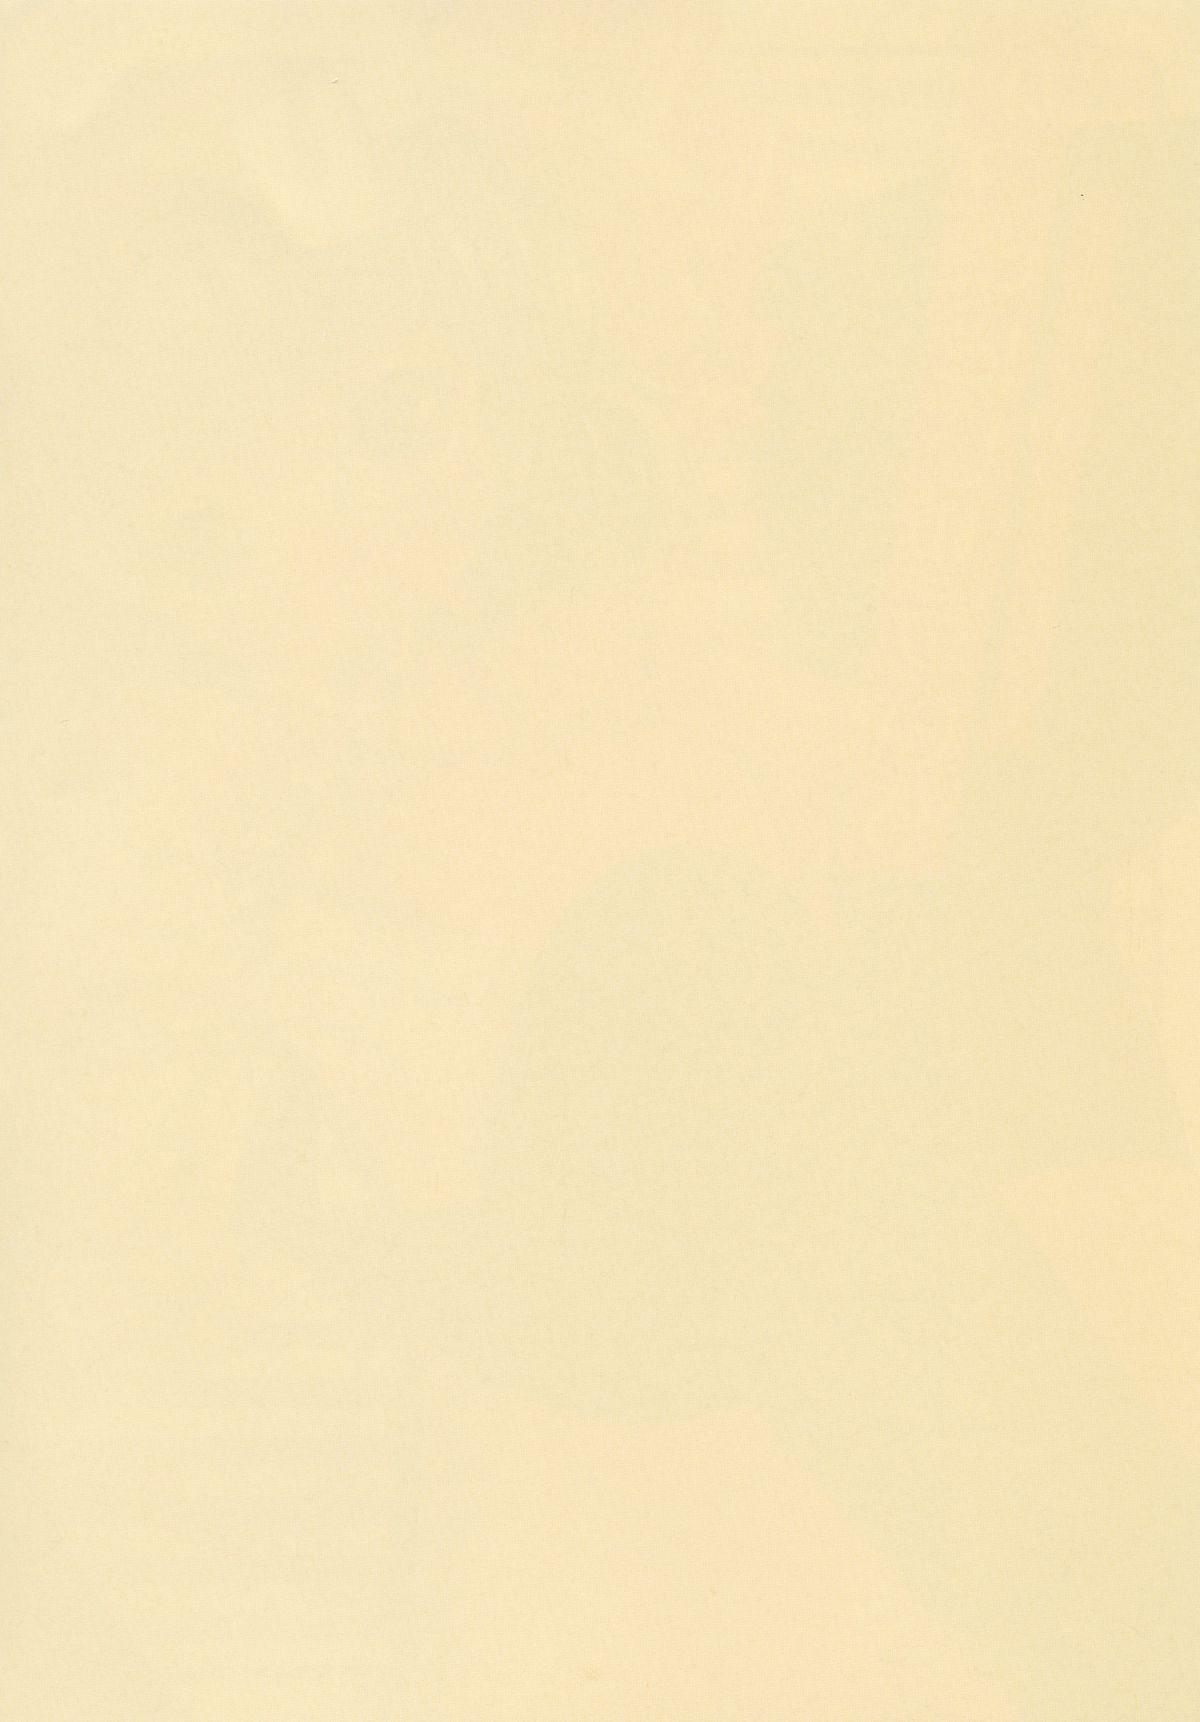 [Lolipop Complete (Koiko Irori)] Kakko Nijuuichi -Ojou-sama no Yuuwaku- (Touhou Project) [Digital] 1